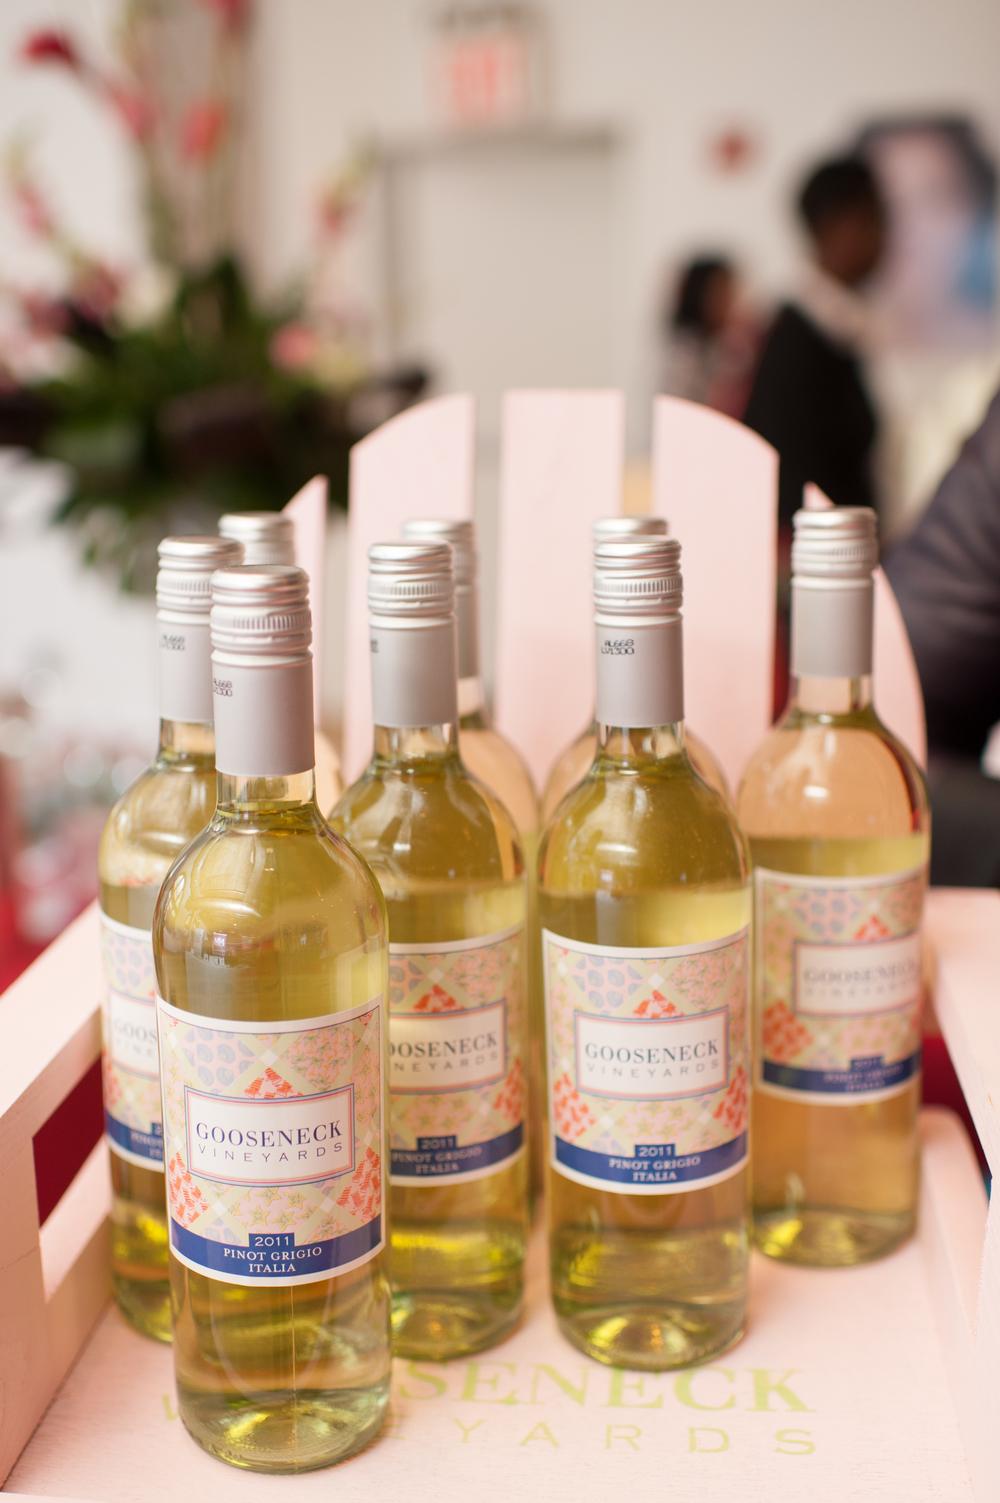 gooseneck wine.jpg